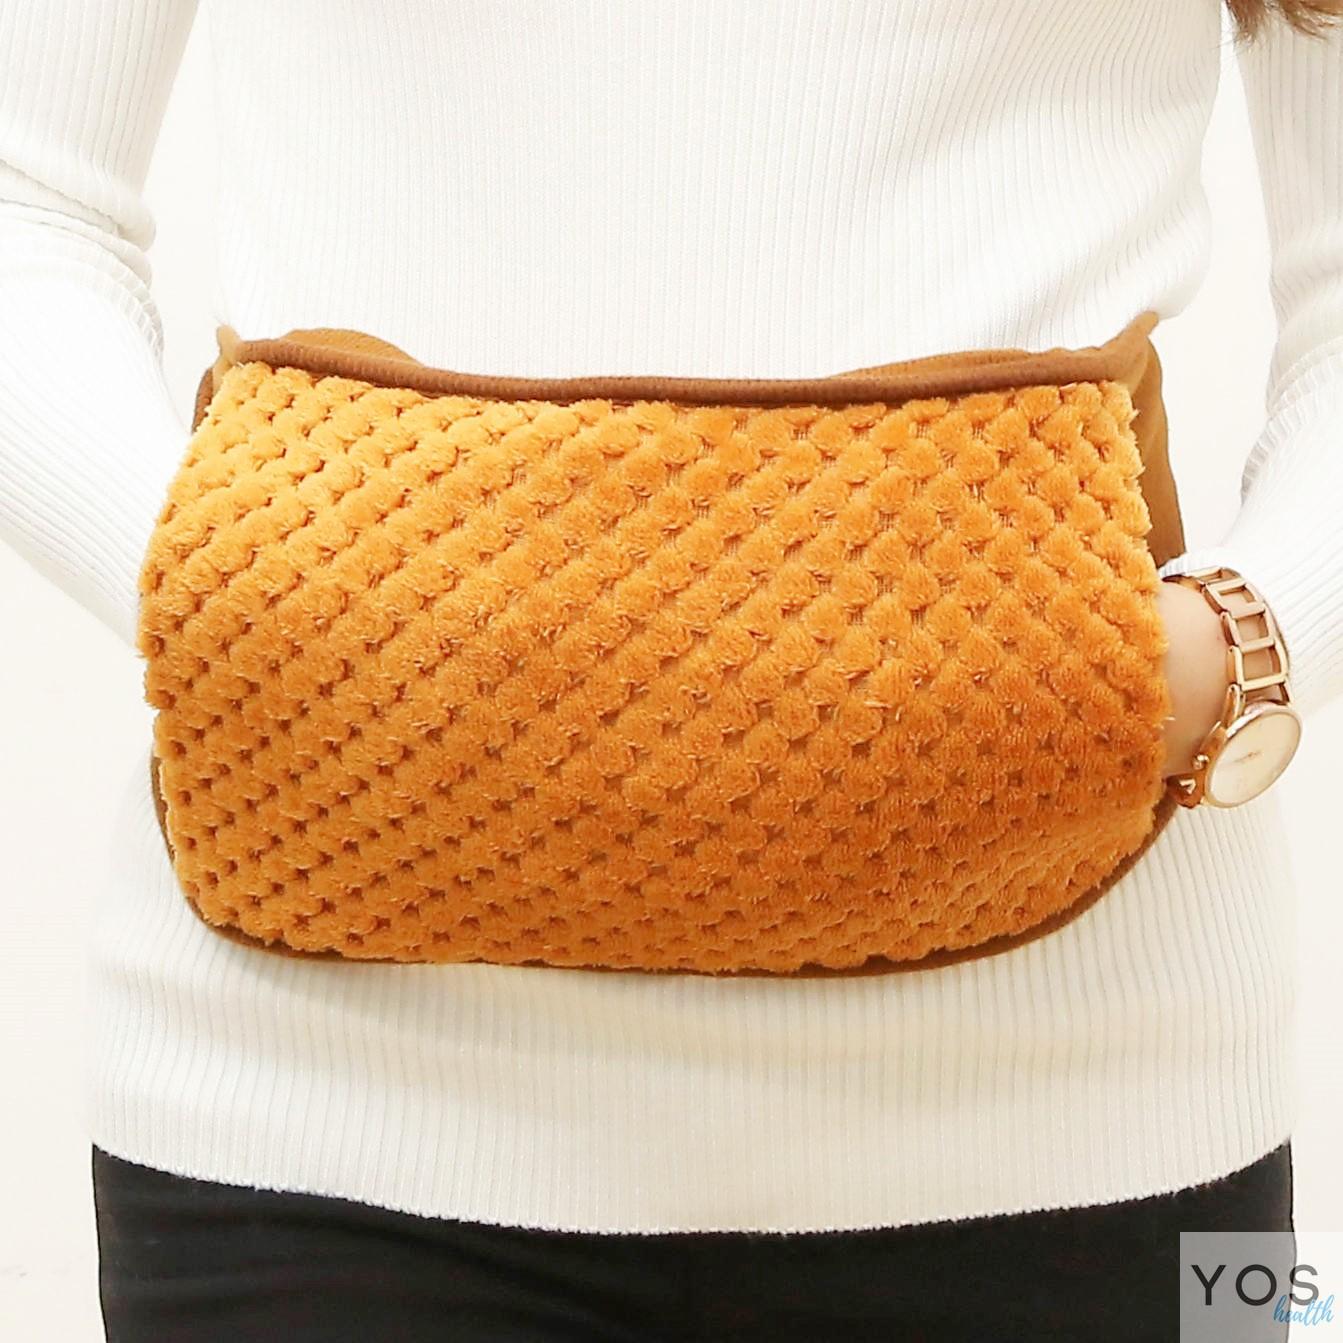 กระเป๋าน้ำร้อนไฟฟ้าคาดเอวสีน้ำตาล Y412-BR